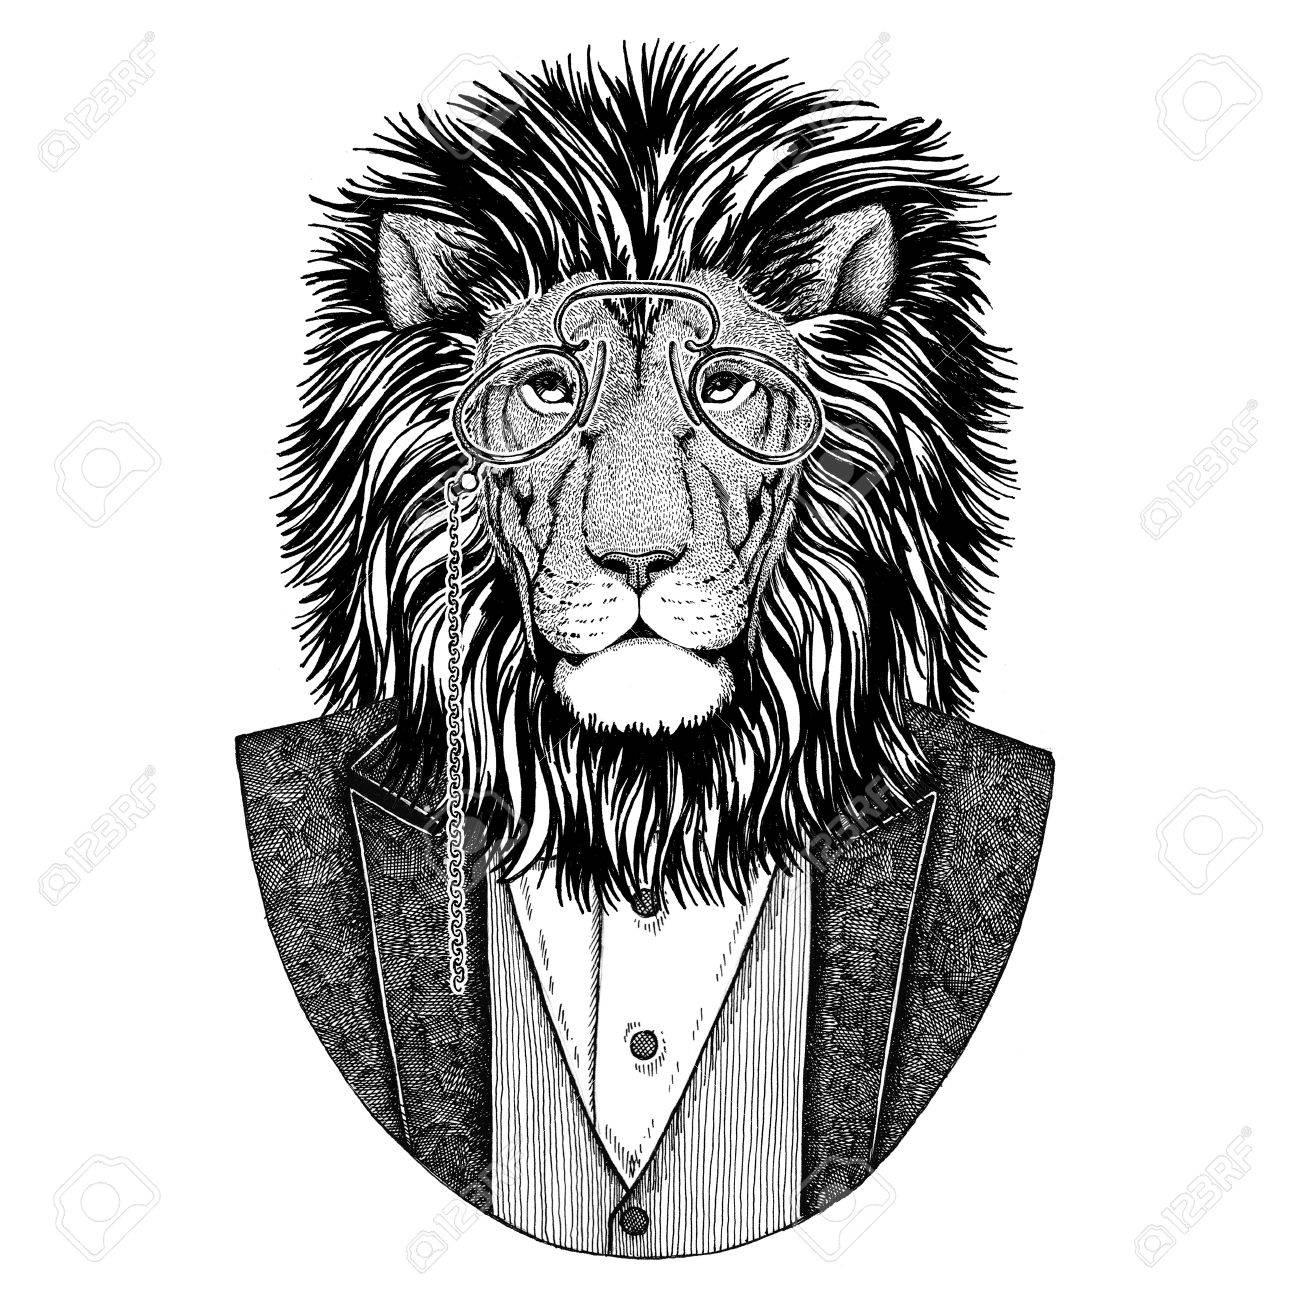 Wild Lion Hipster Animal Illustration Dessinee A La Main Pour Le Tatouage L Embleme Le Badge Le Logo Le Patch Le T Shirt